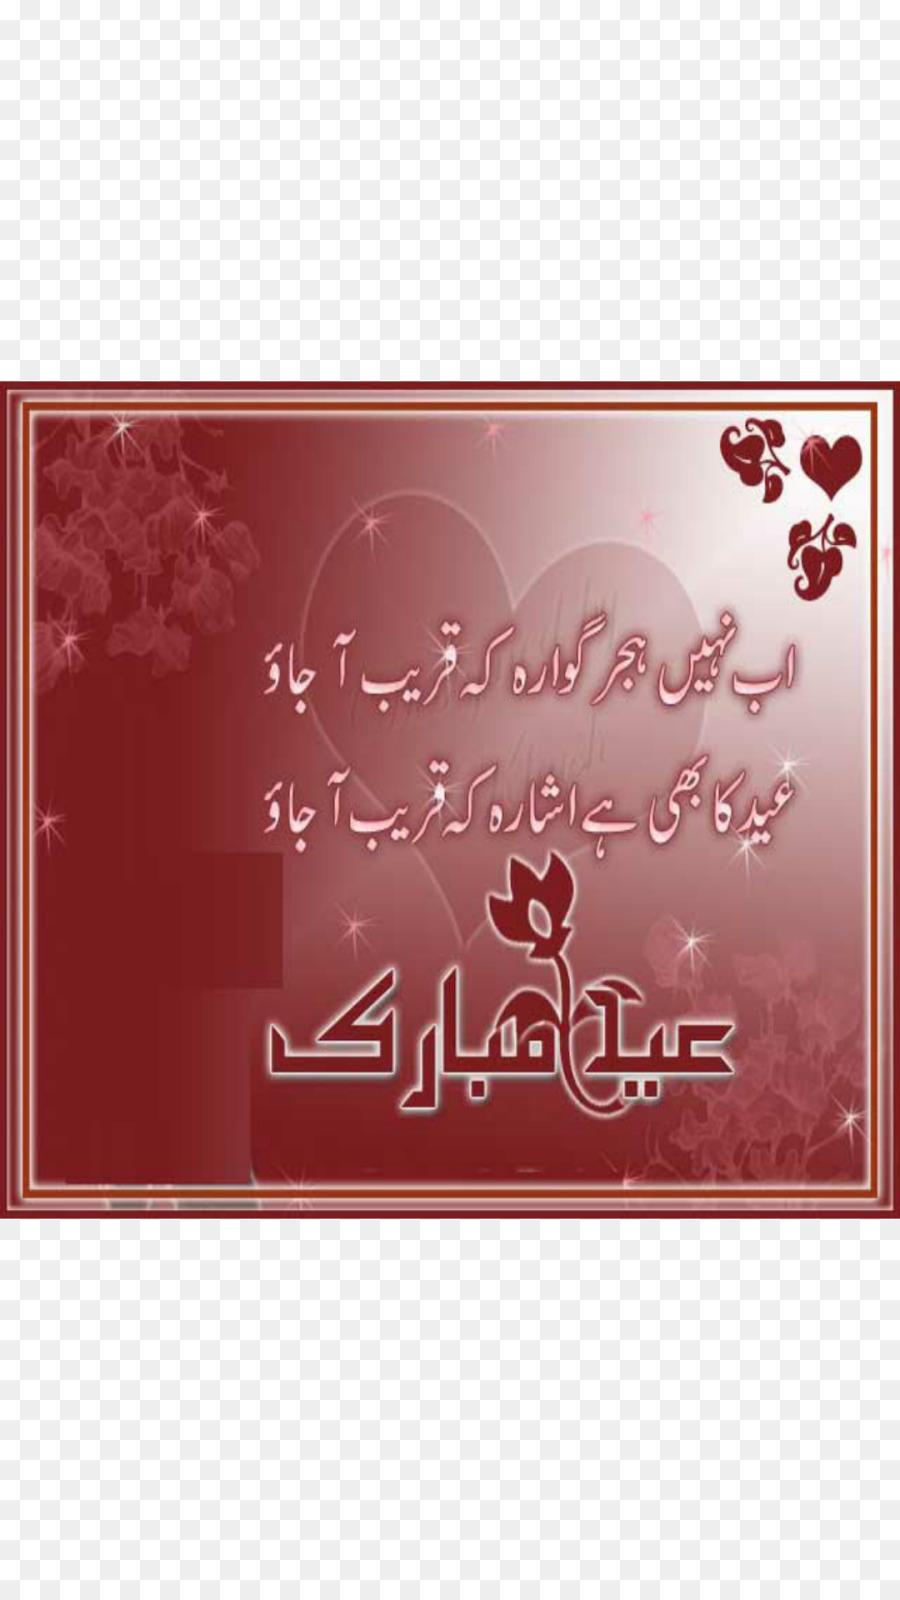 Urdu Poetry Eid Mubarak Line Line Png Download 9001600 Free